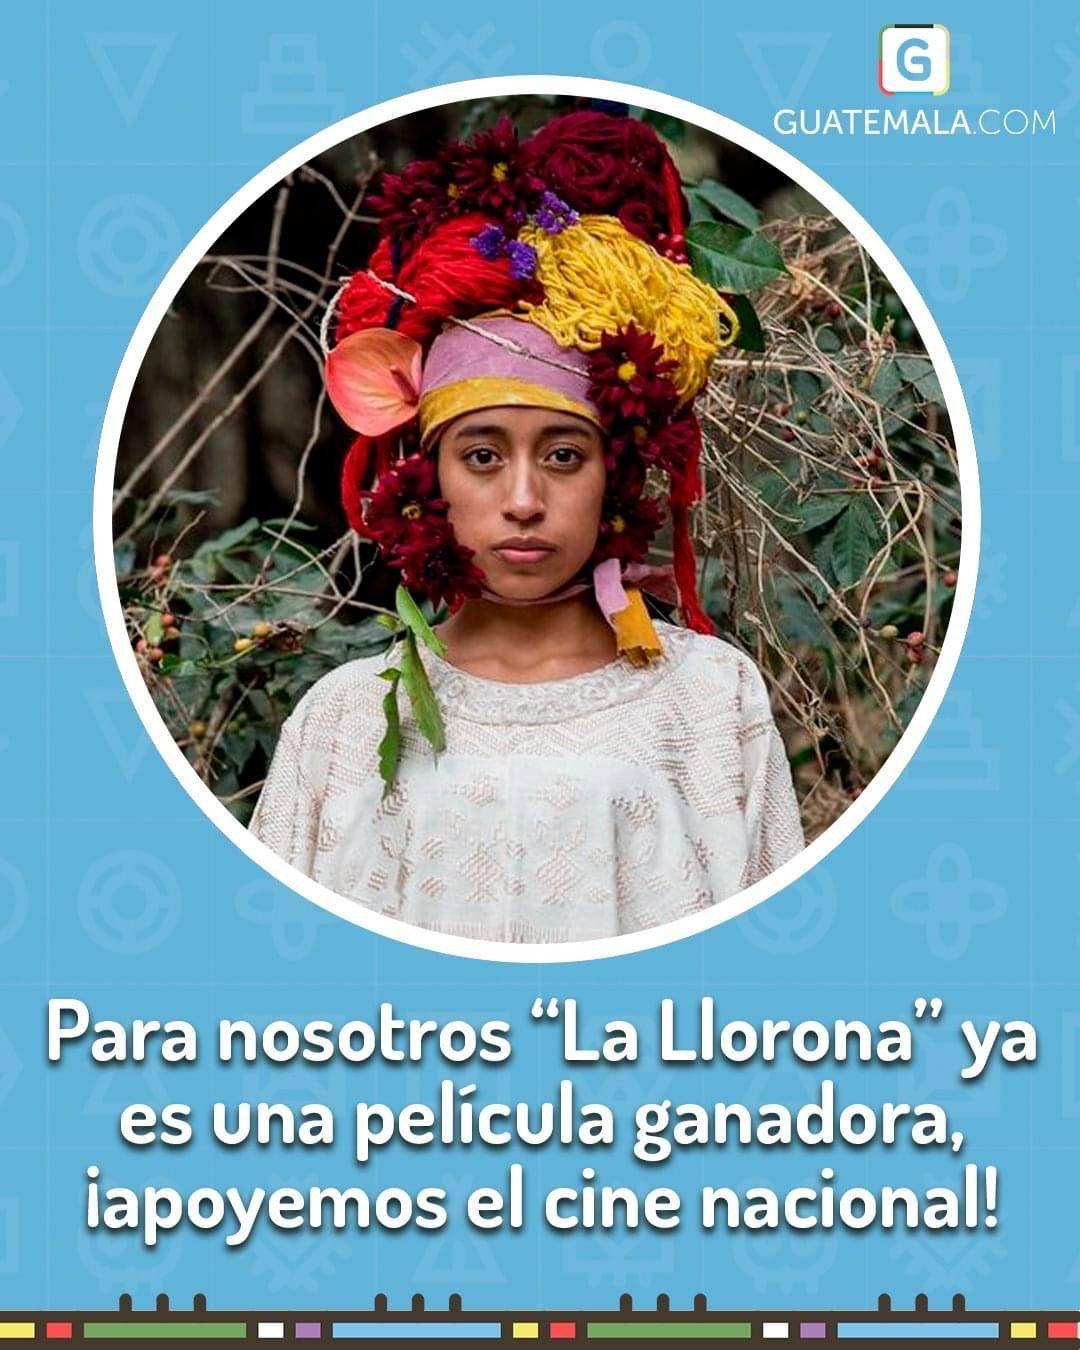 La Llorona recibe apoyo por guatemaltecos